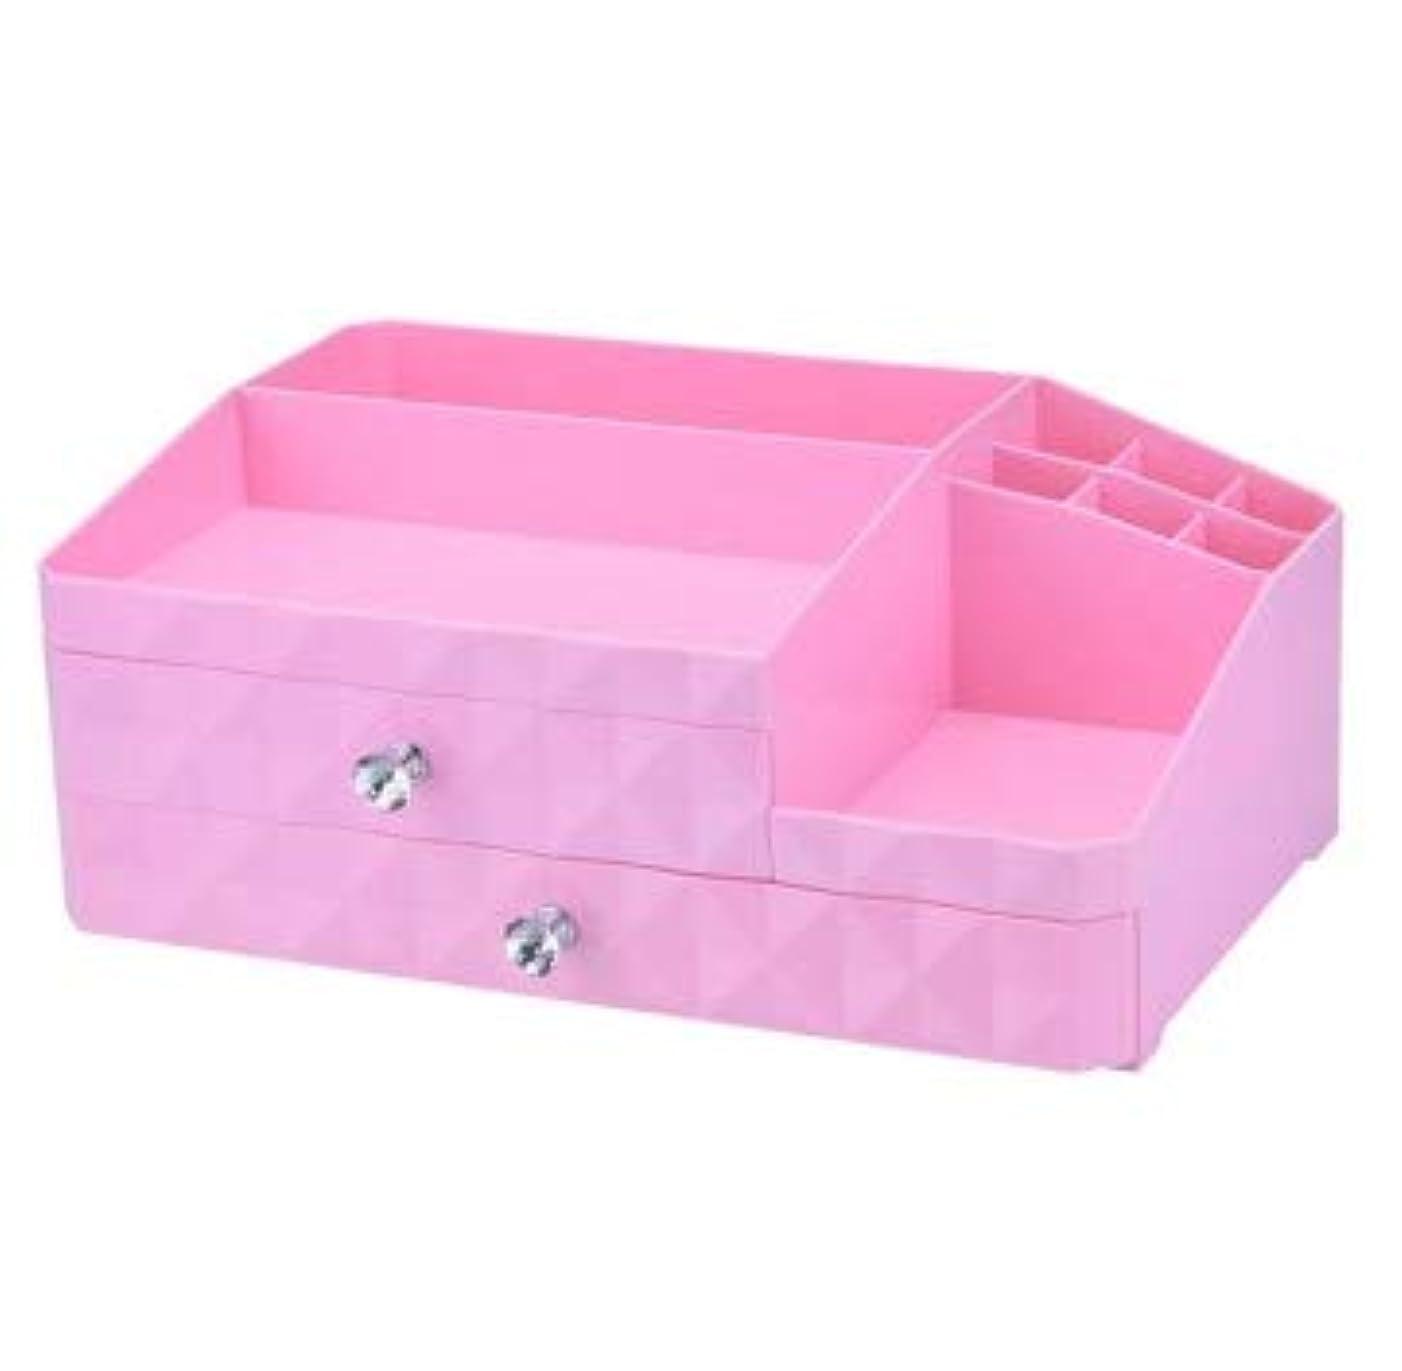 増加する太鼓腹クリアデスクトップジュエリーボックス引き出し化粧品収納ボックス三層プラスチック仕上げボックス (Color : ピンク)